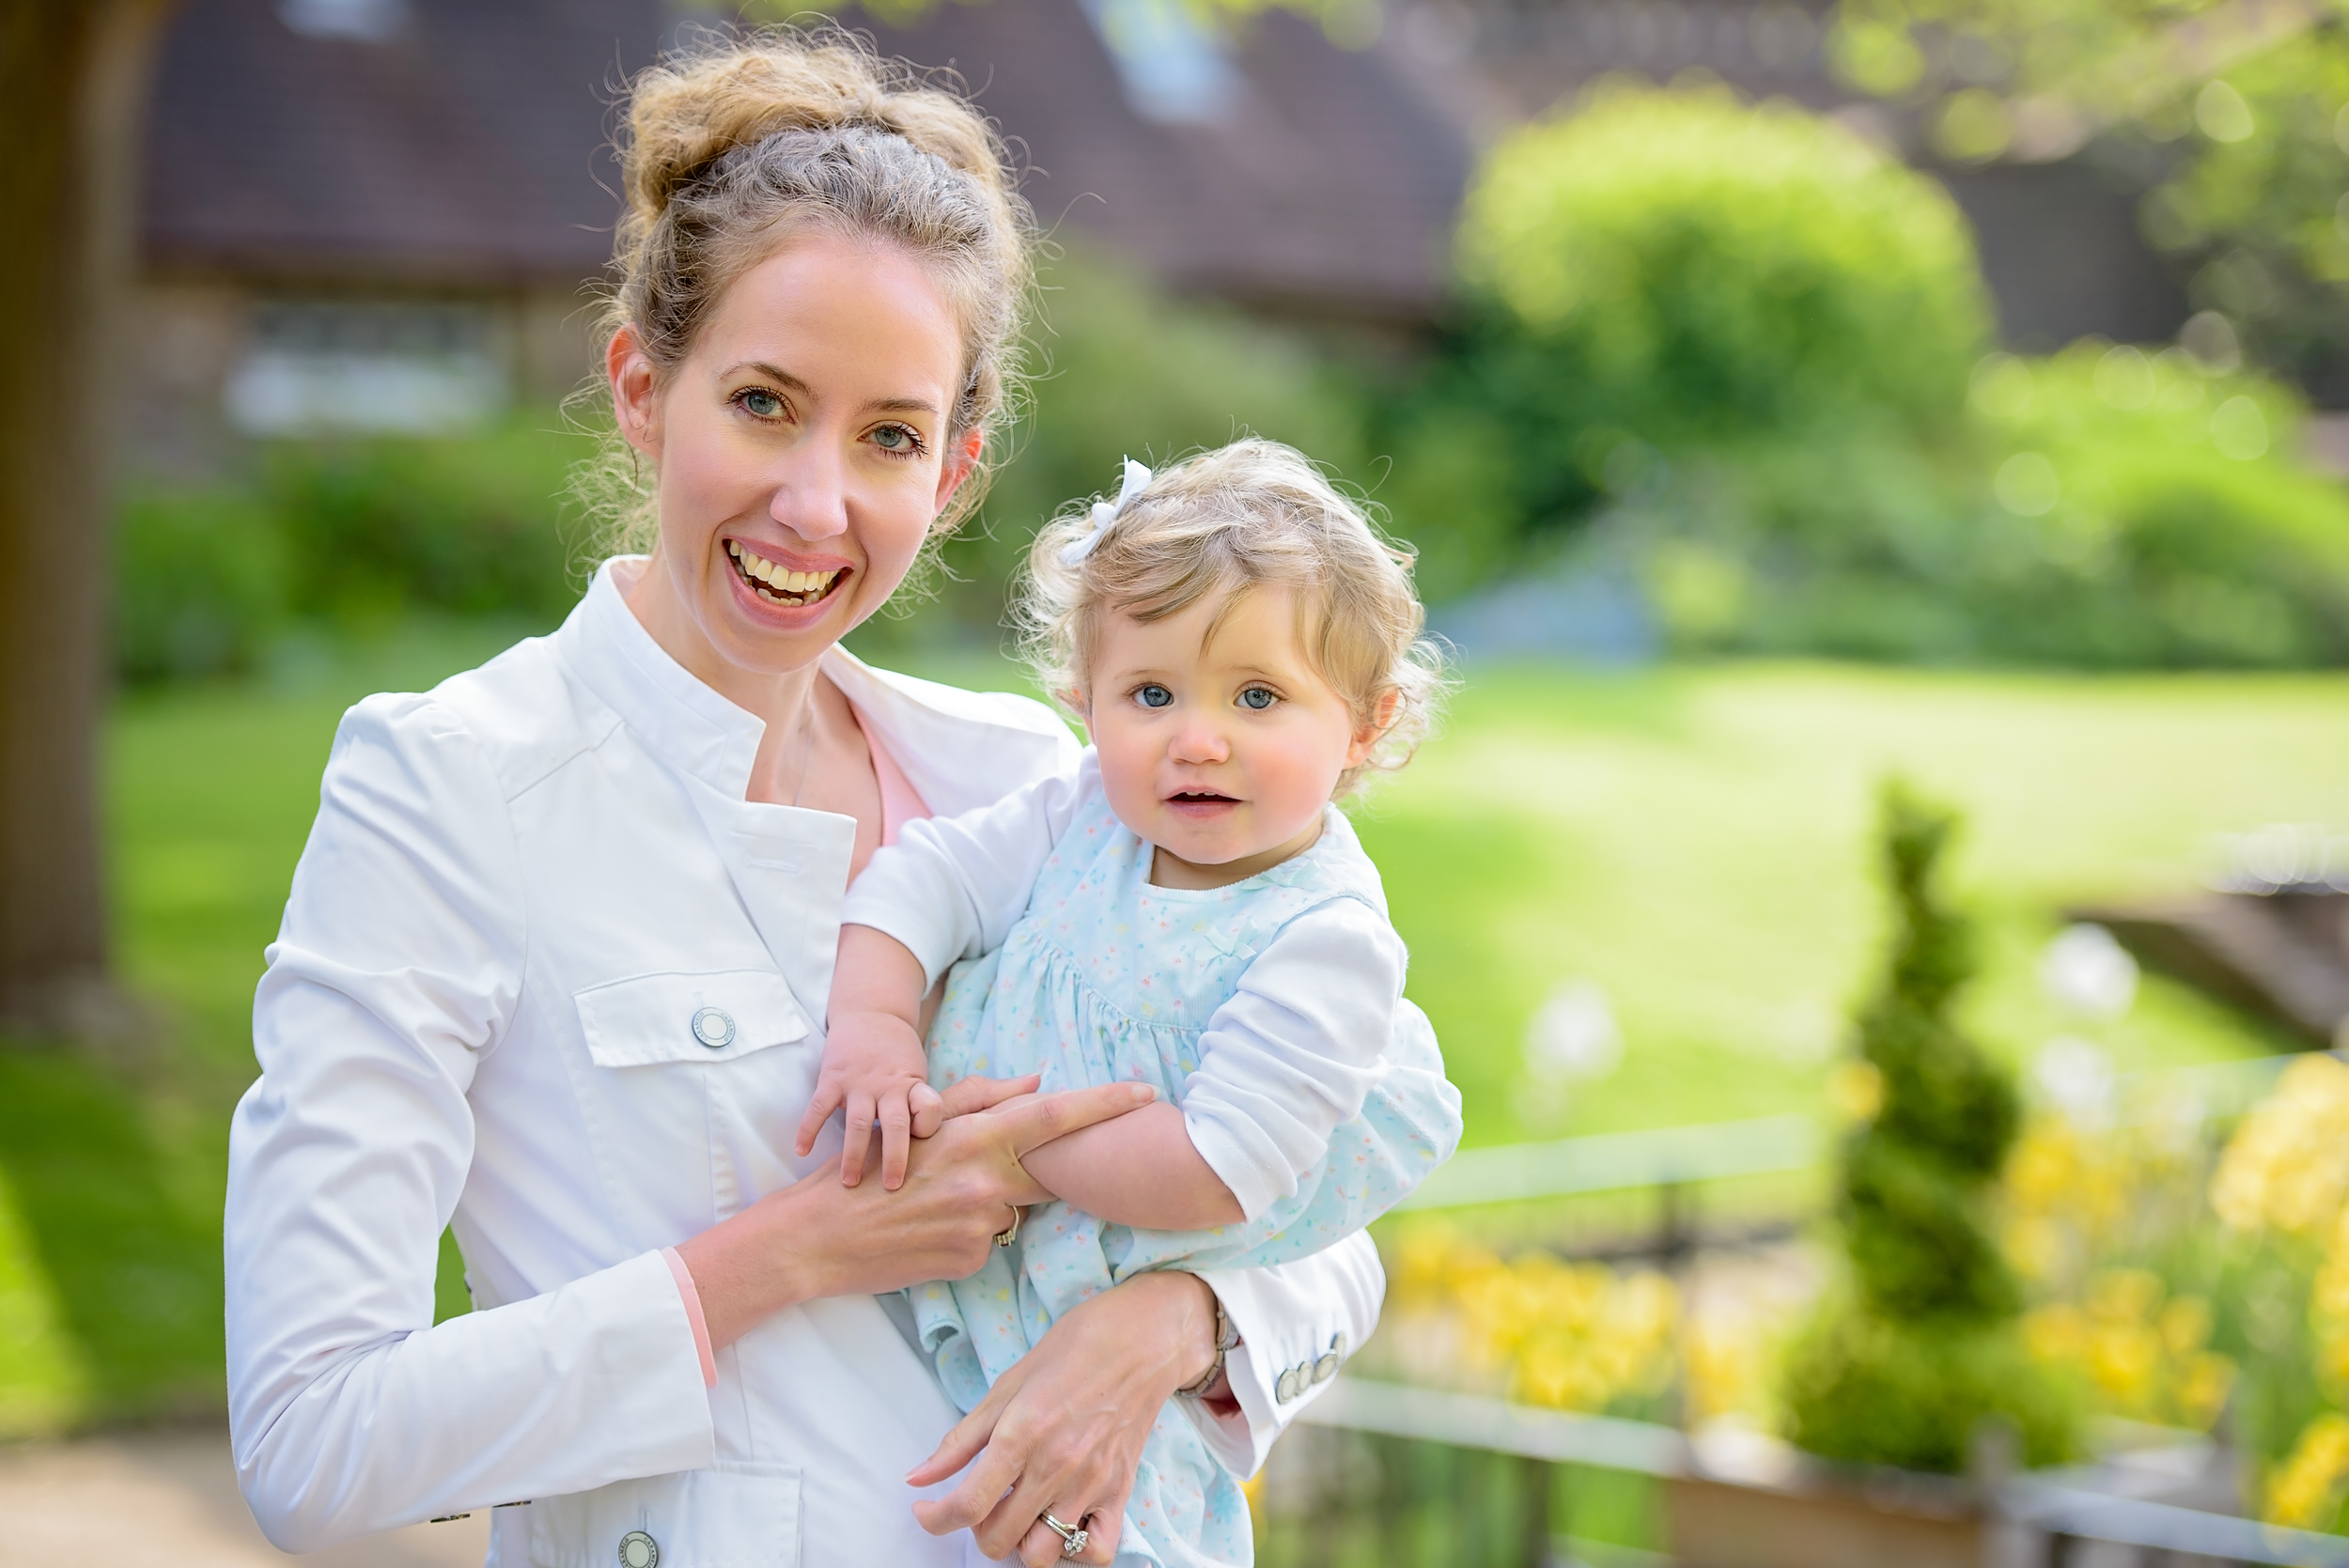 Kensington family portrait photographer